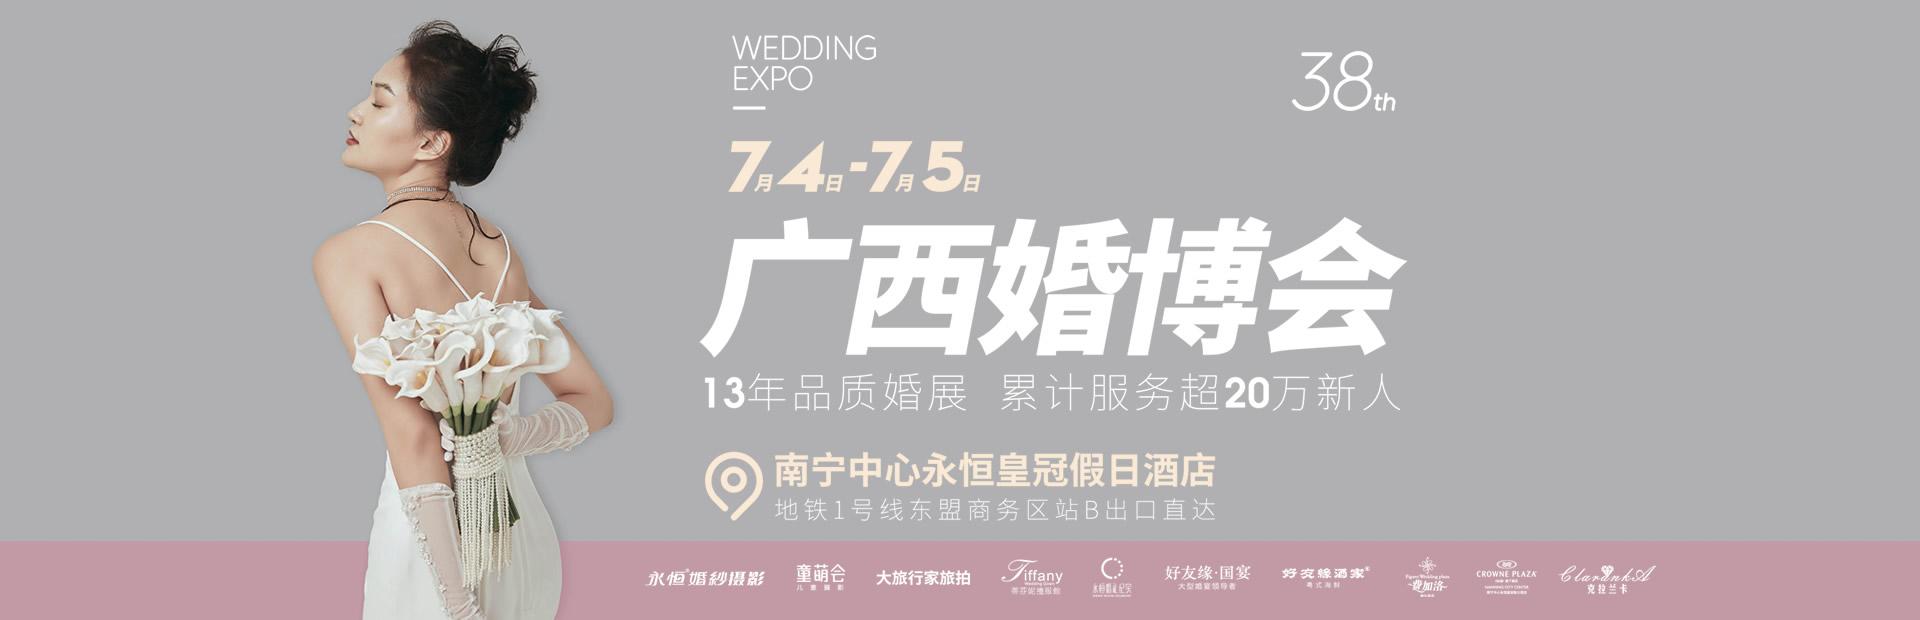 永恒婚纱摄影-第38届广西婚博会